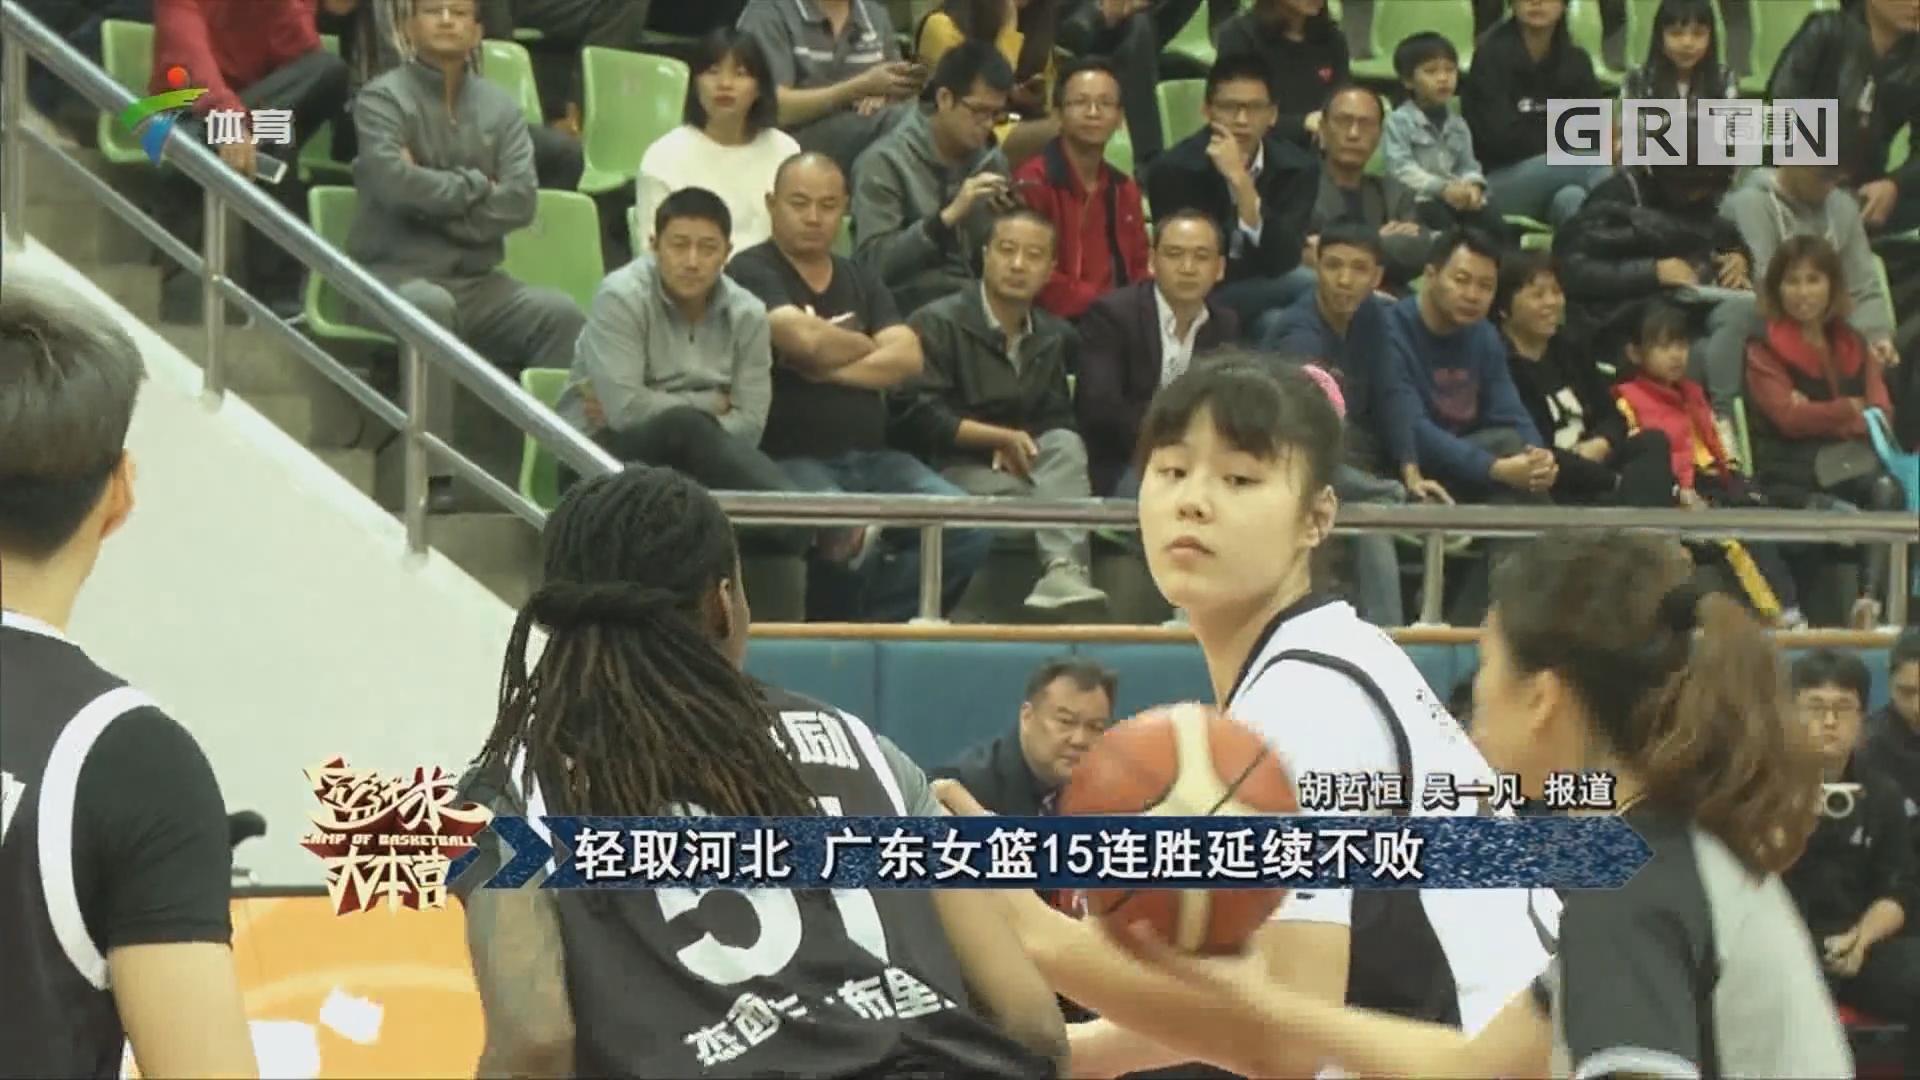 轻取河北 广东女篮15连胜延续不败